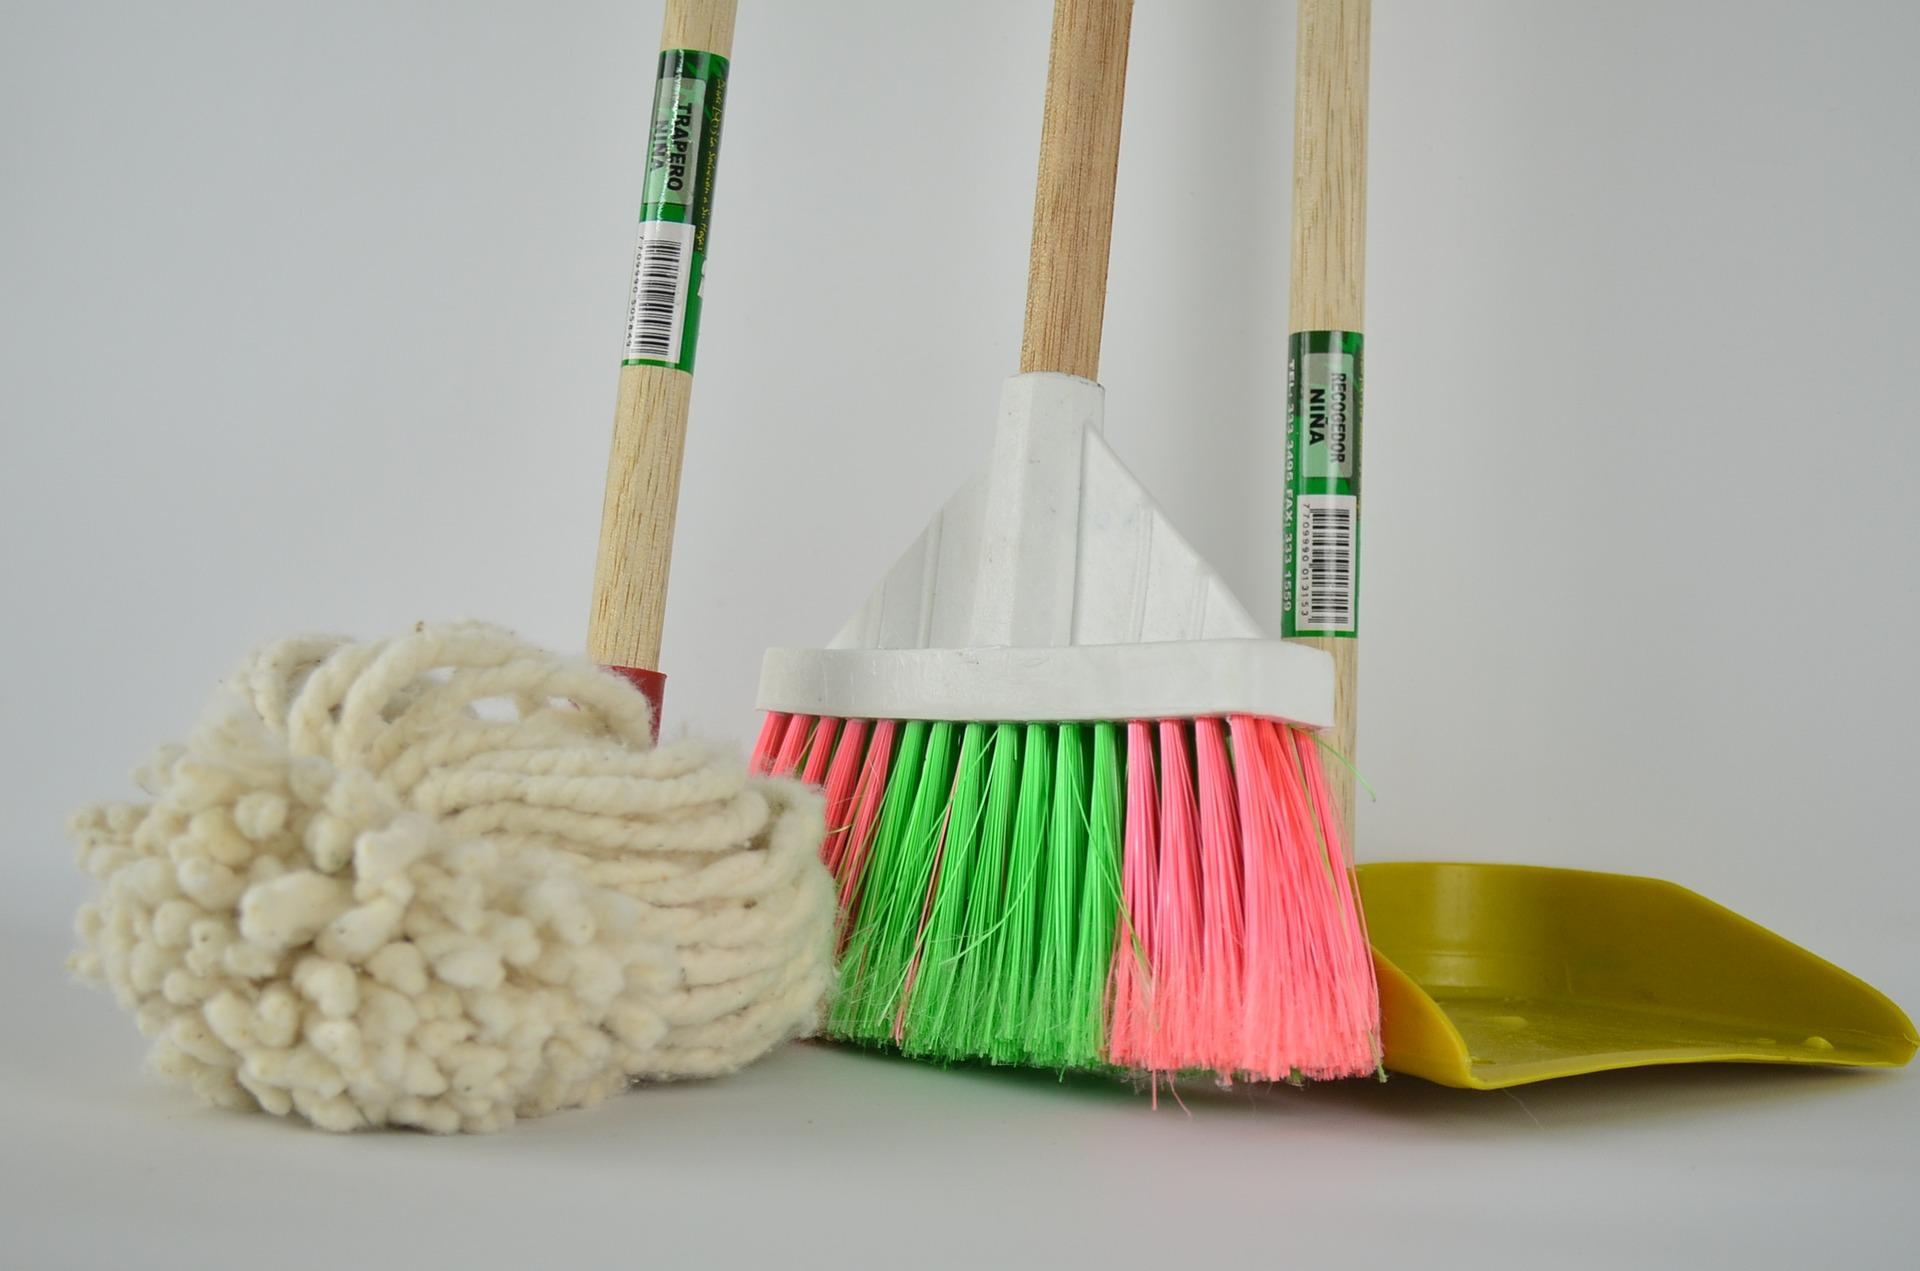 Profesjonalne środki czystości dla hoteli – czy są potrzebne?